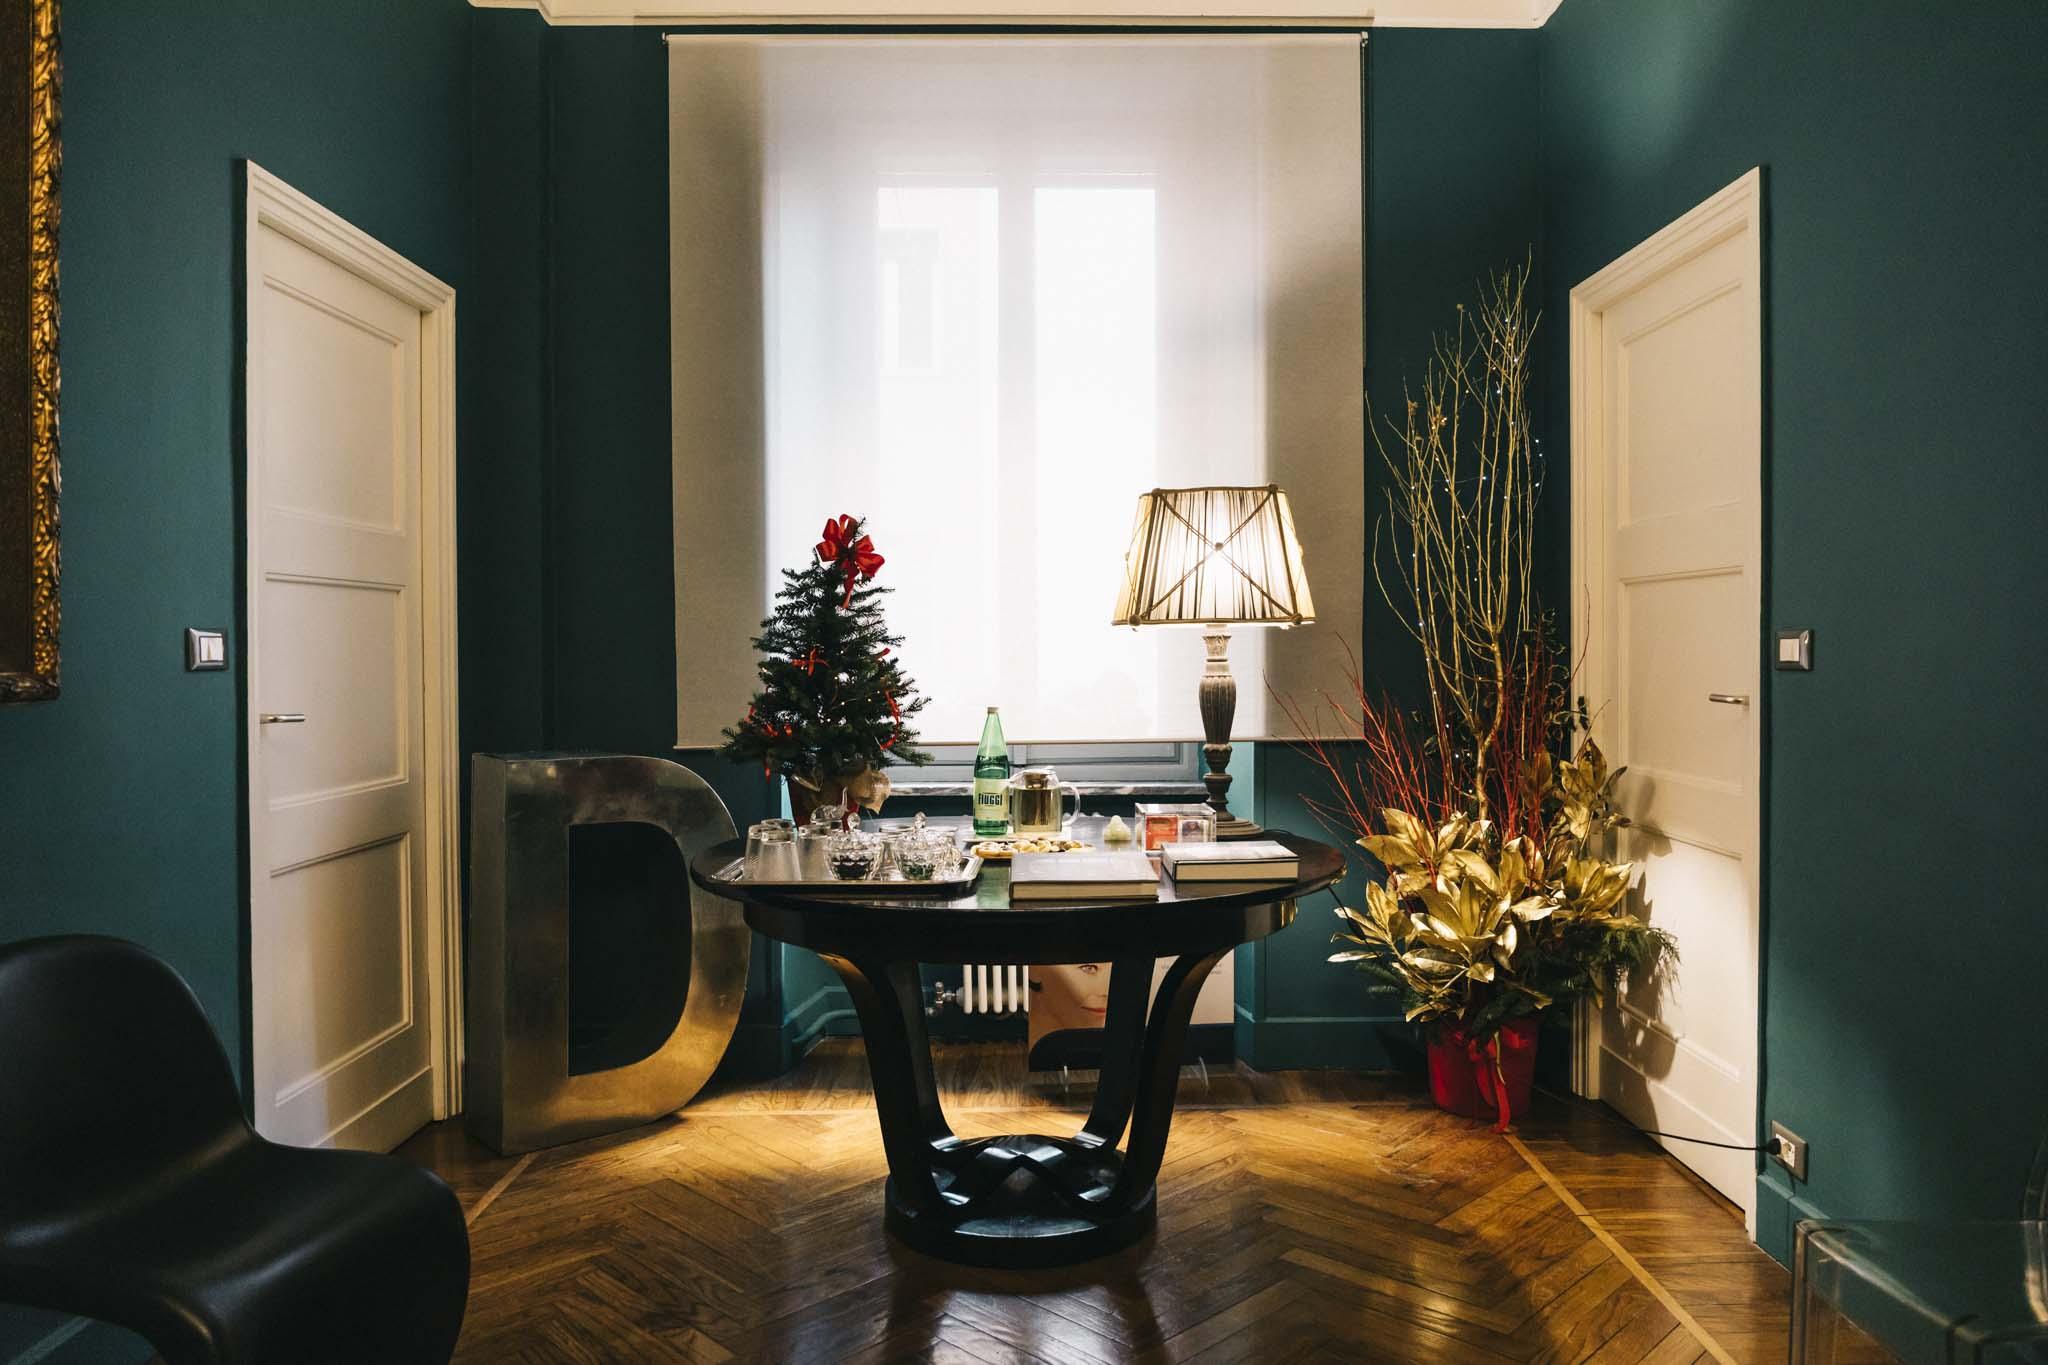 Estetica Di Rella a Torino: bellezza? Non solo